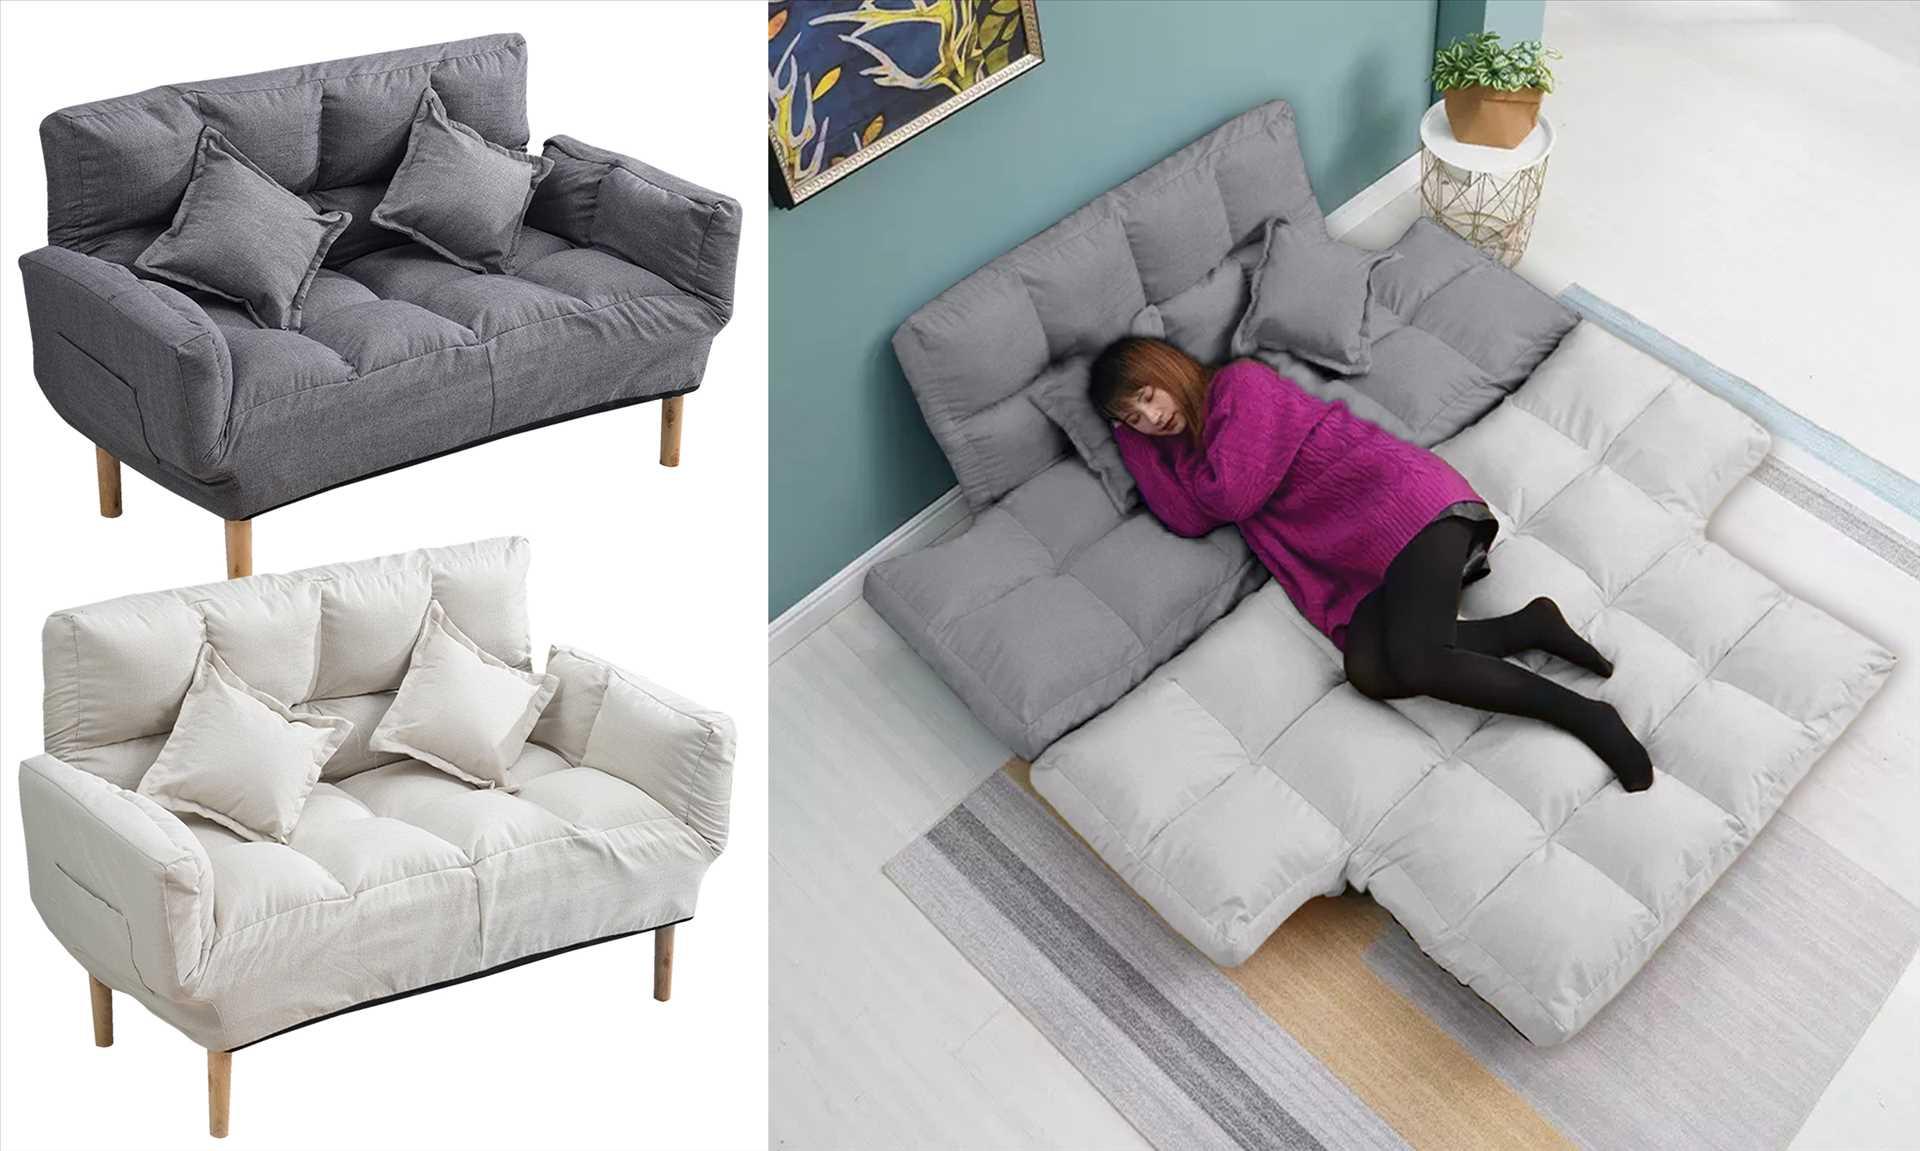 ספה זוגית דגם NEW BERRY צבע בז' מבית MY CASA - תמונה 3